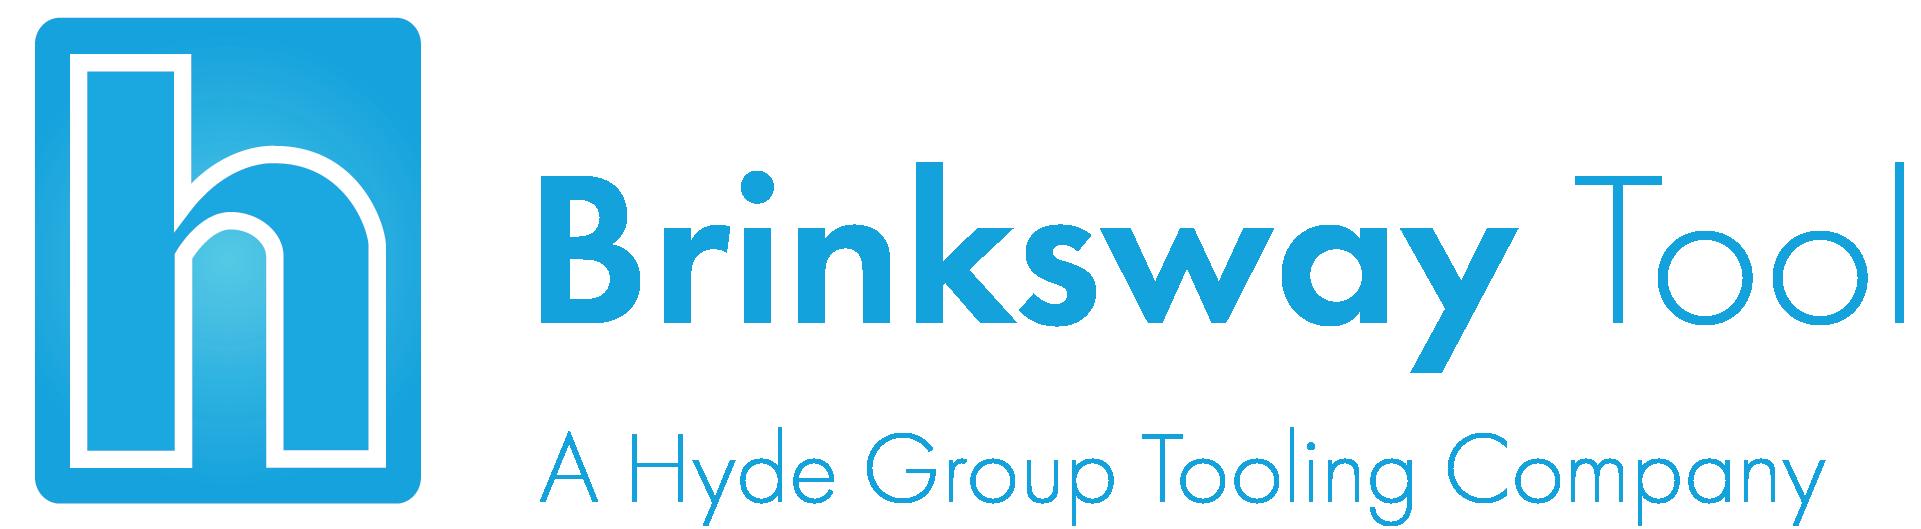 Brinksway Tool Logo.png